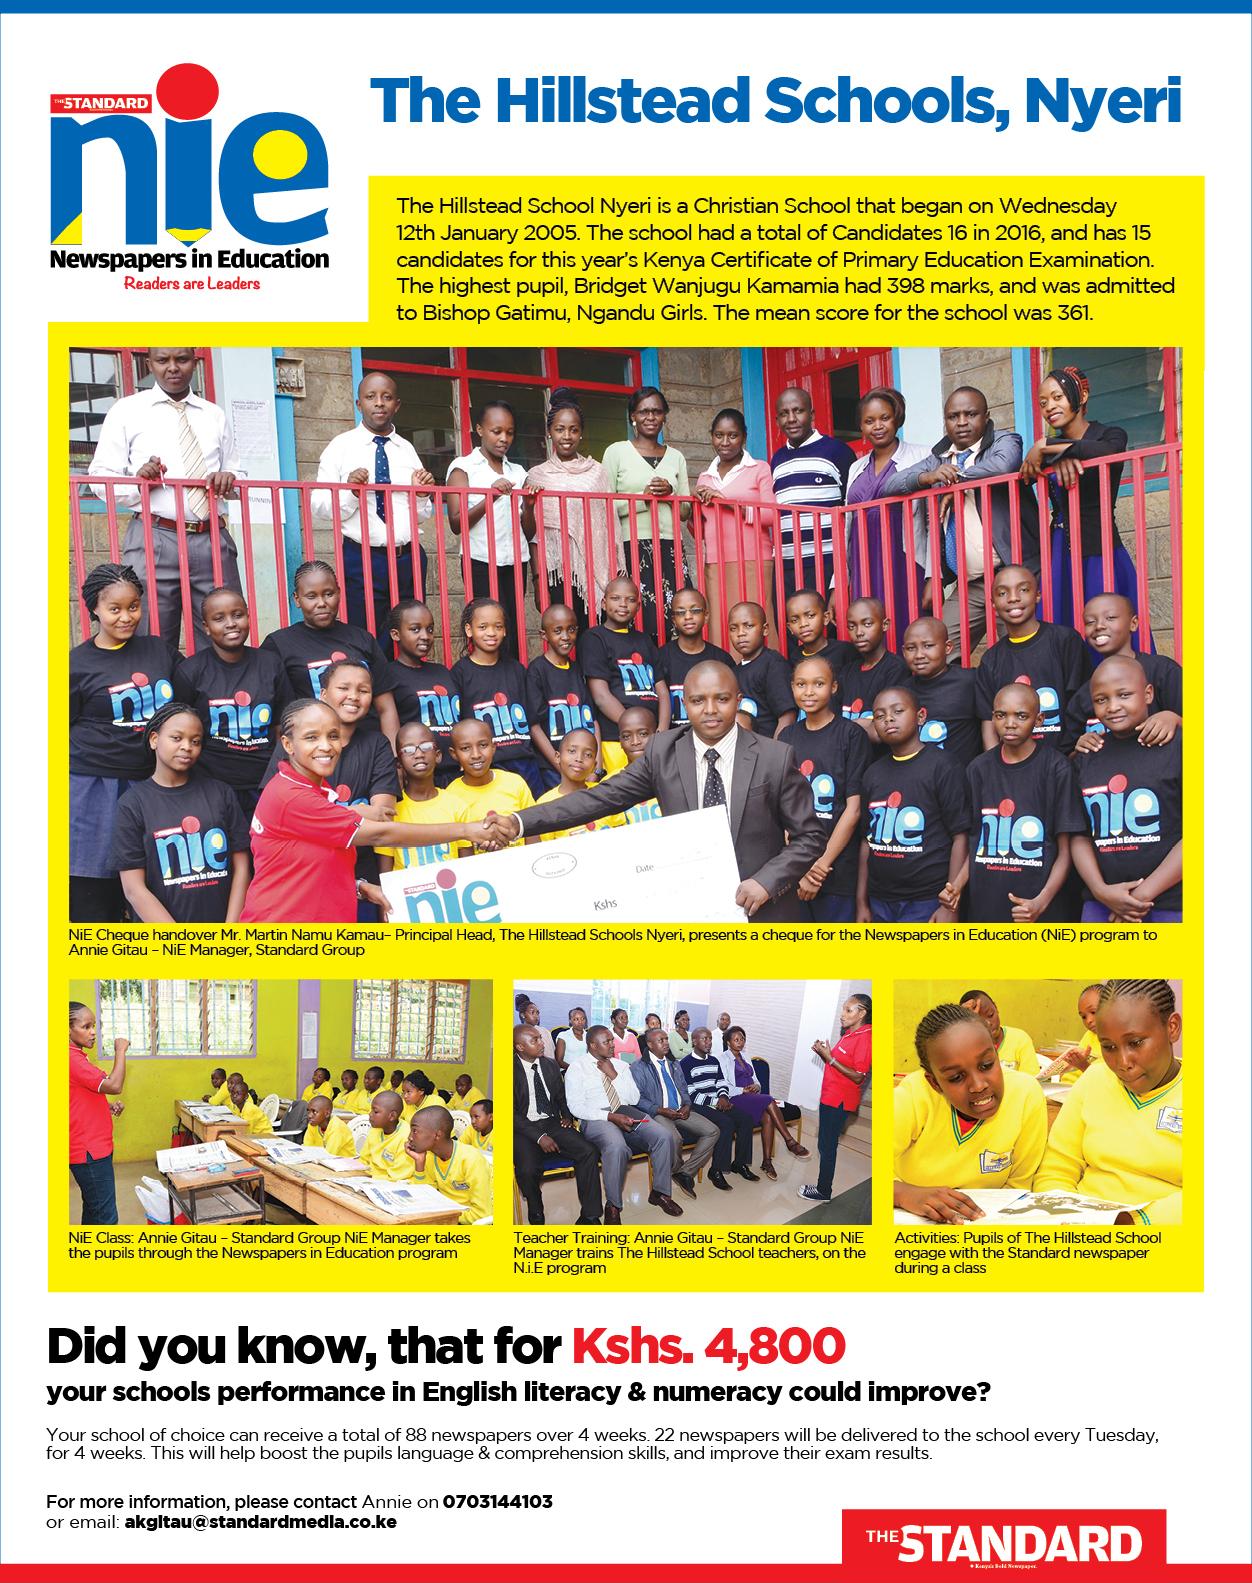 Newspapers-in-Education program - Standard Newspaper